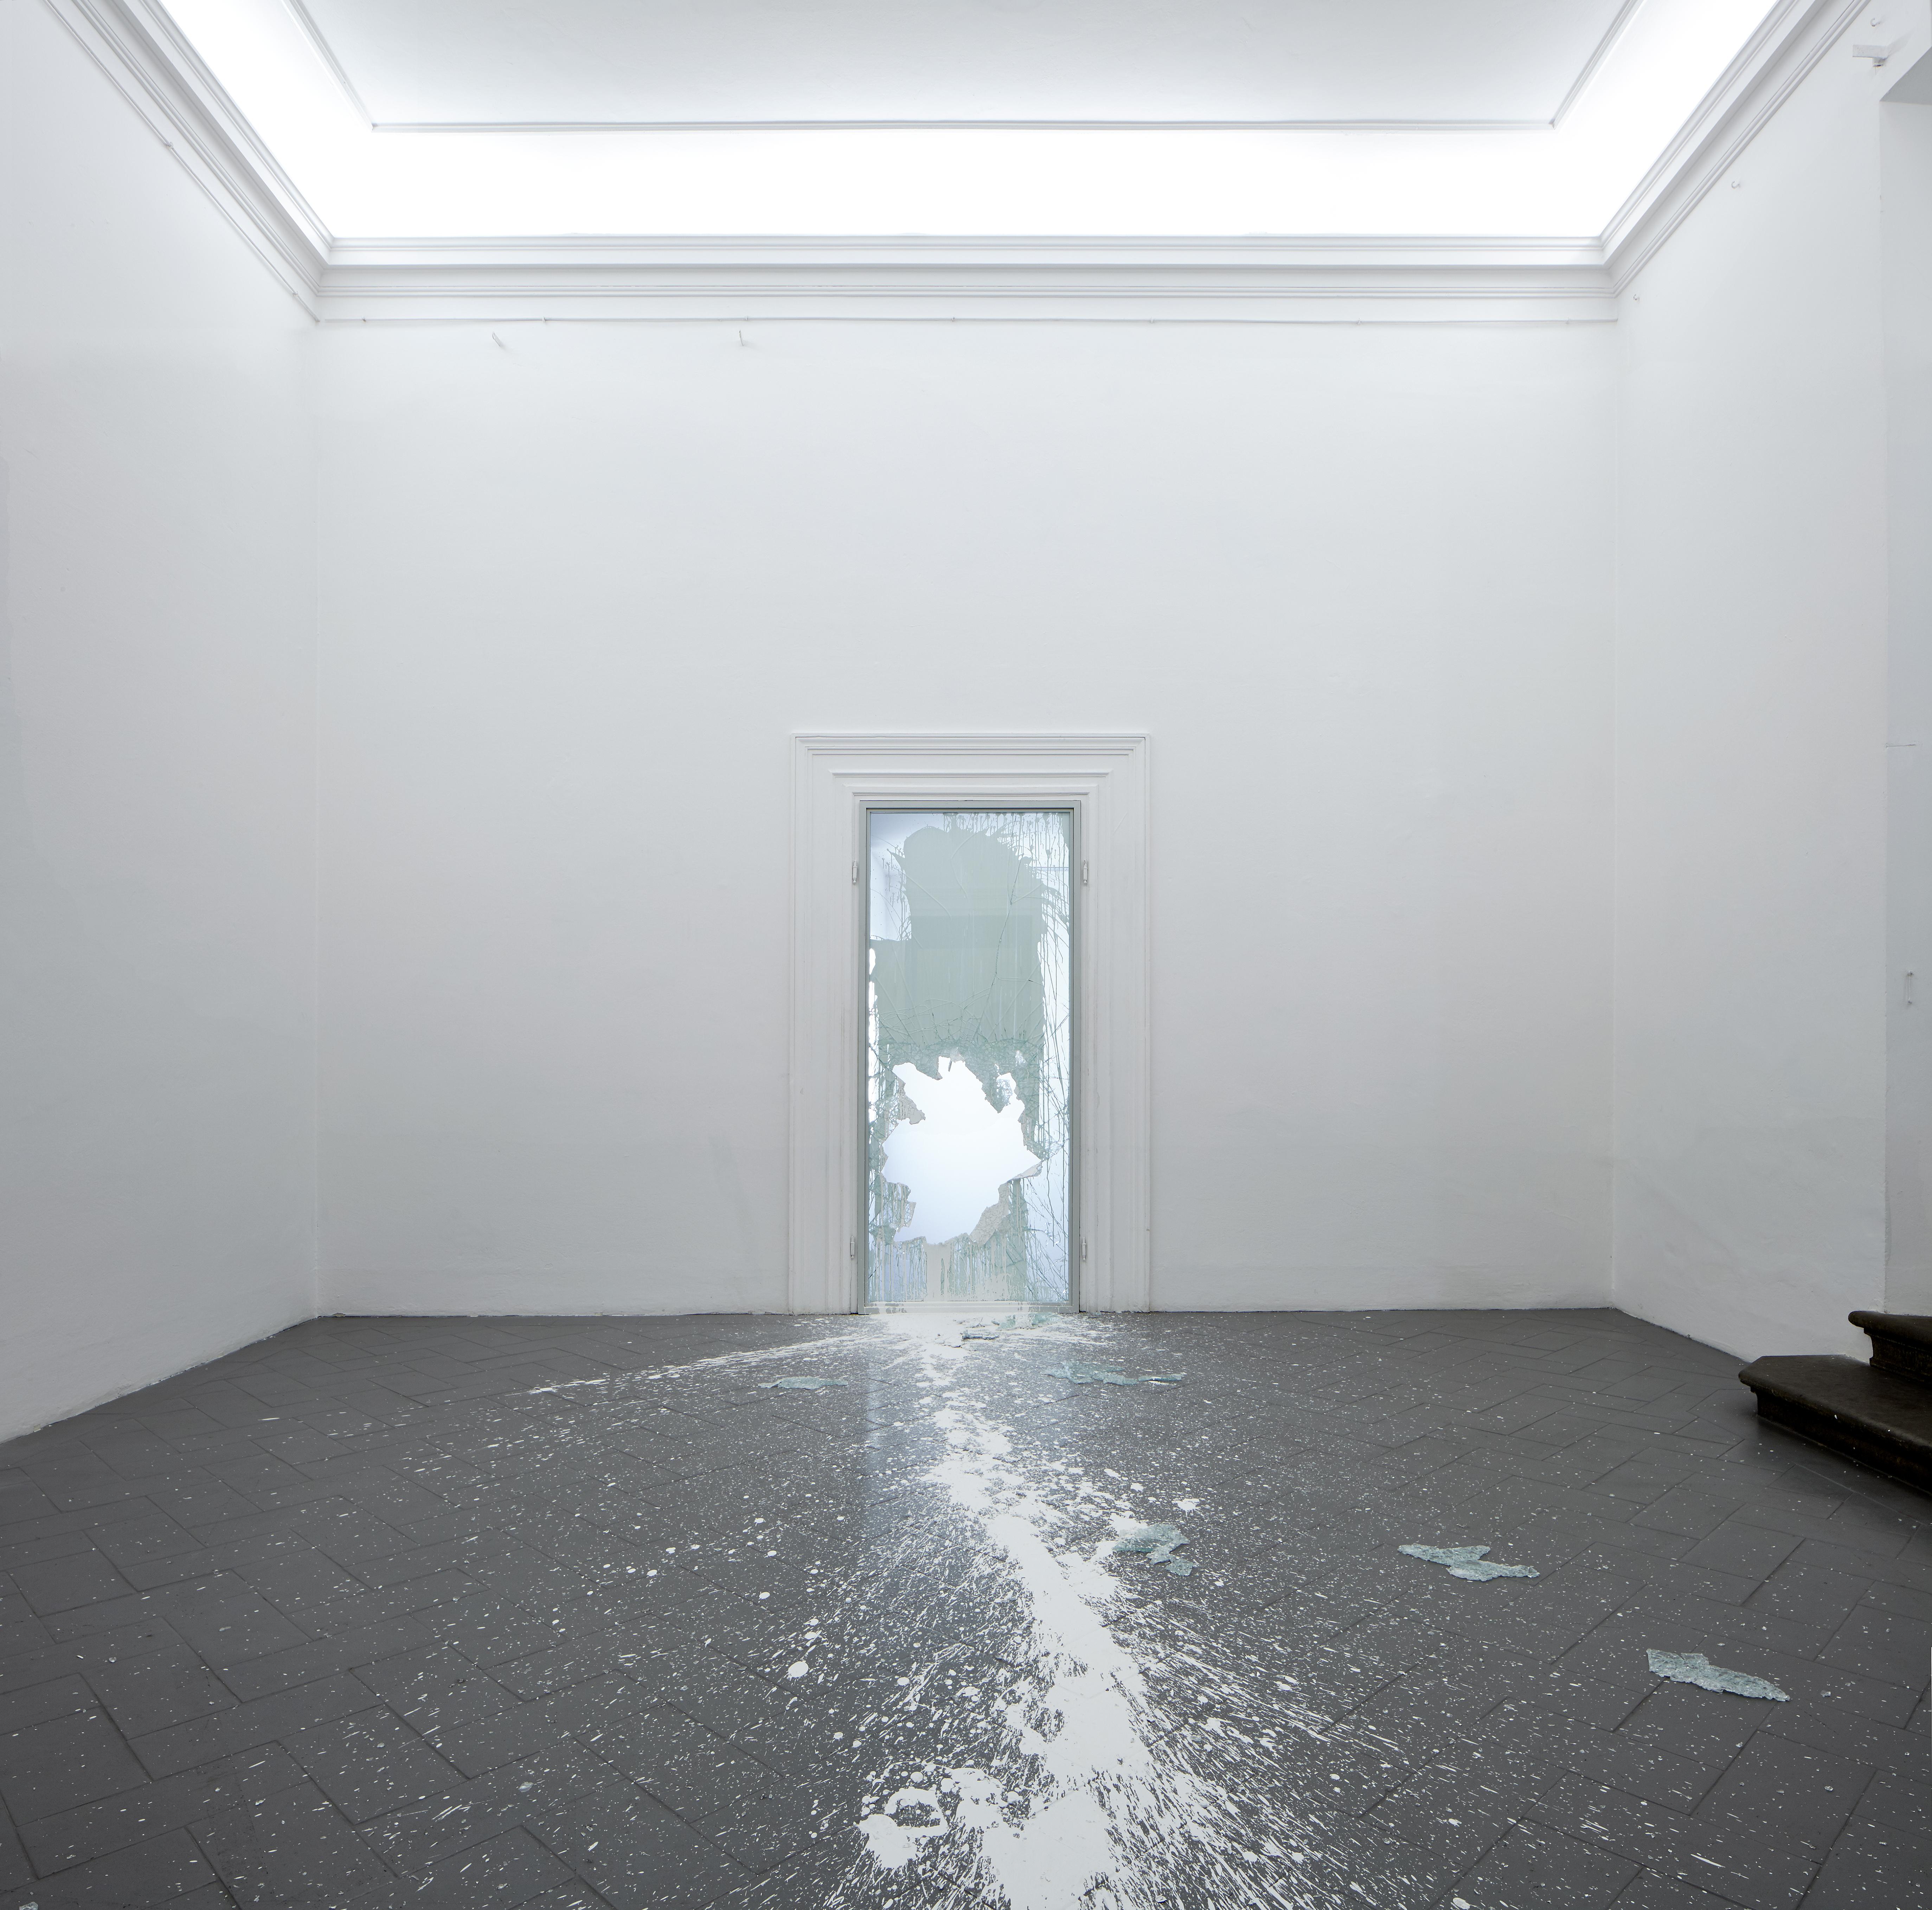 Tensioni strutturali #2. Veduta dell'installazione di Andrea Nacciarriti Crystallize #002 [matter]. Courtesy of Eduardo Secci contemporary